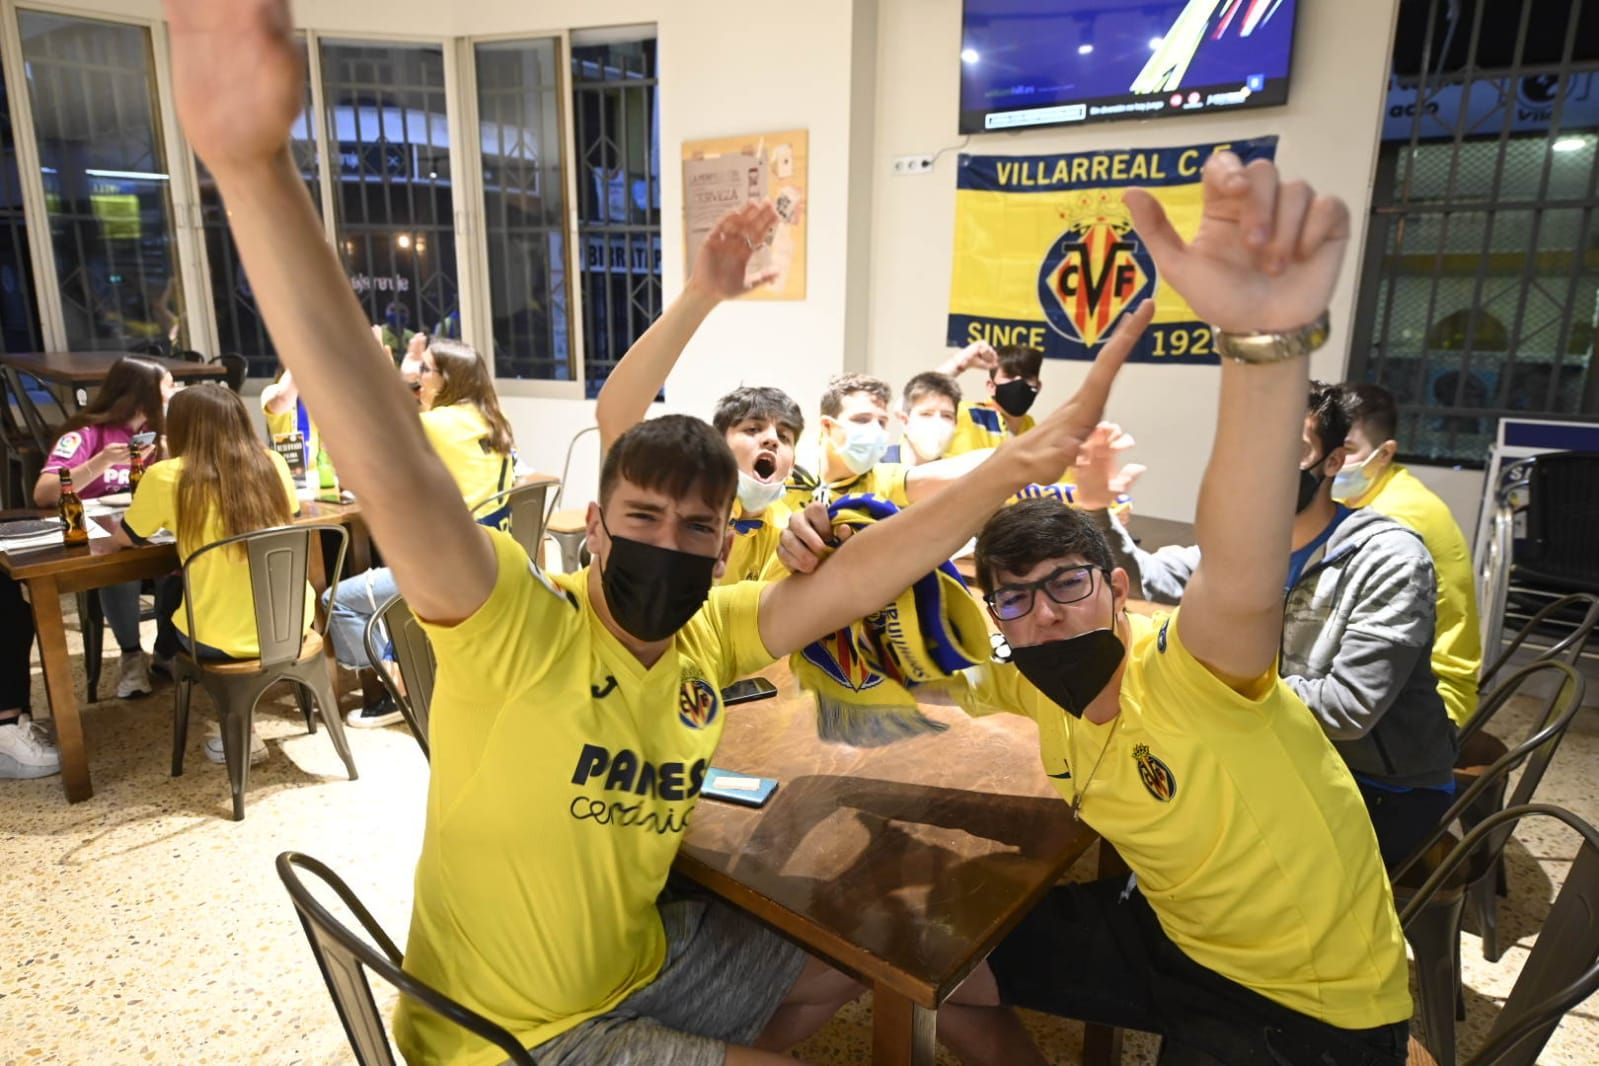 Así disfruta Vila-real de la final de 'su' Villarreal